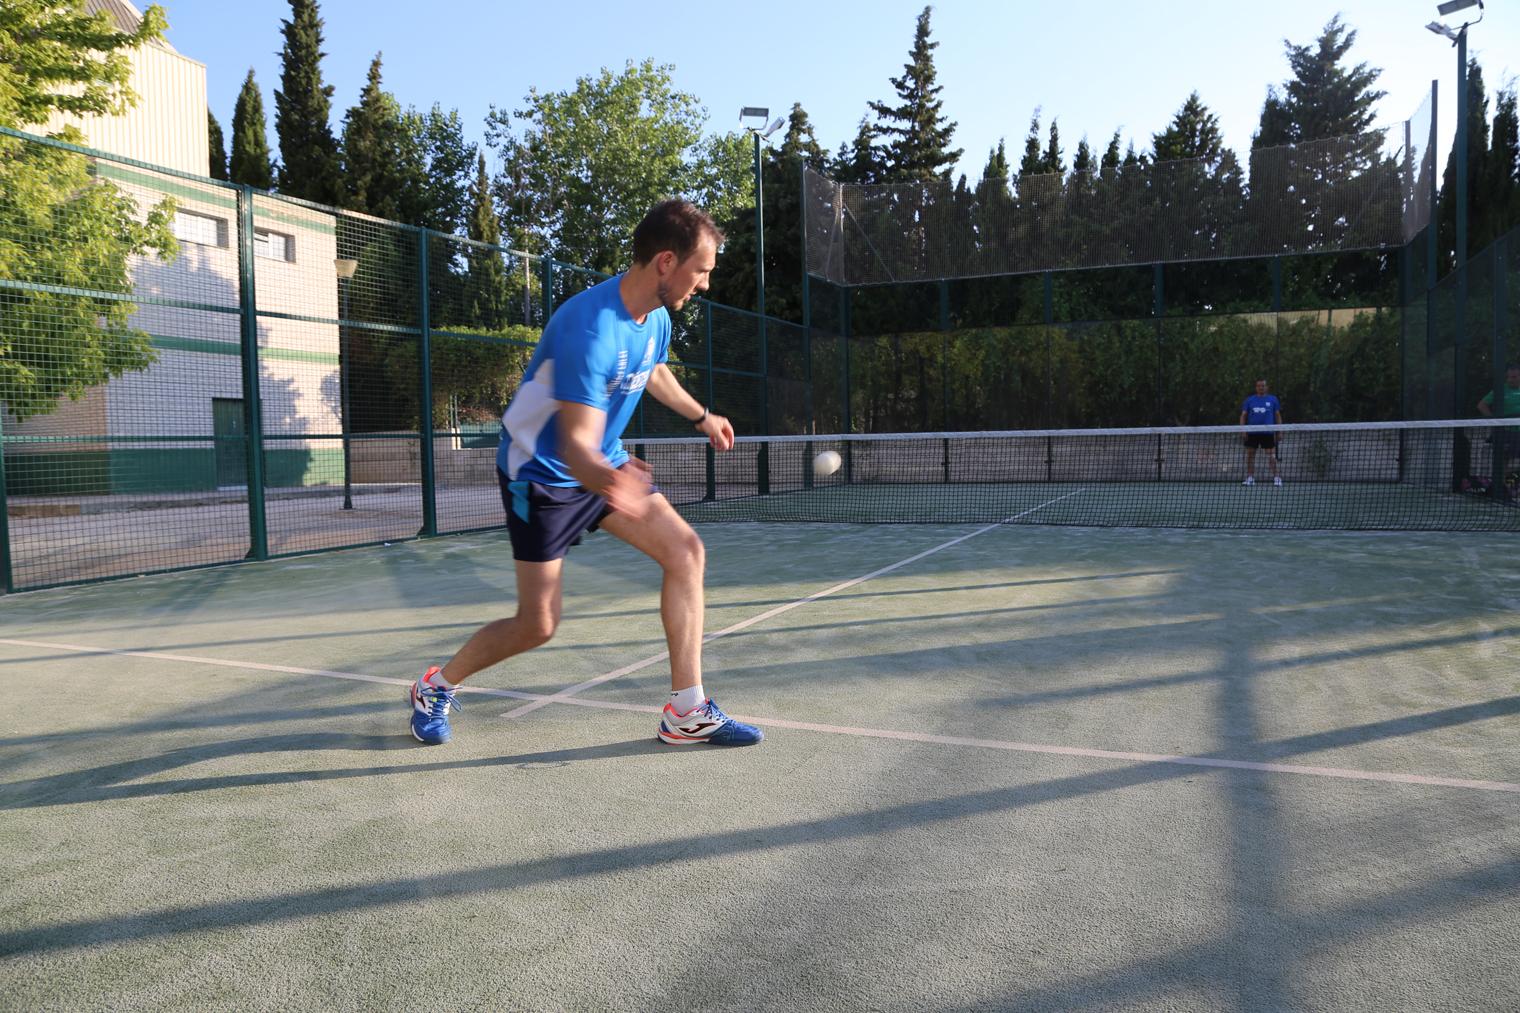 Les 24 Hores i la Gala de l'Esport podrien quedar suspeses El Periòdic d'Ontinyent